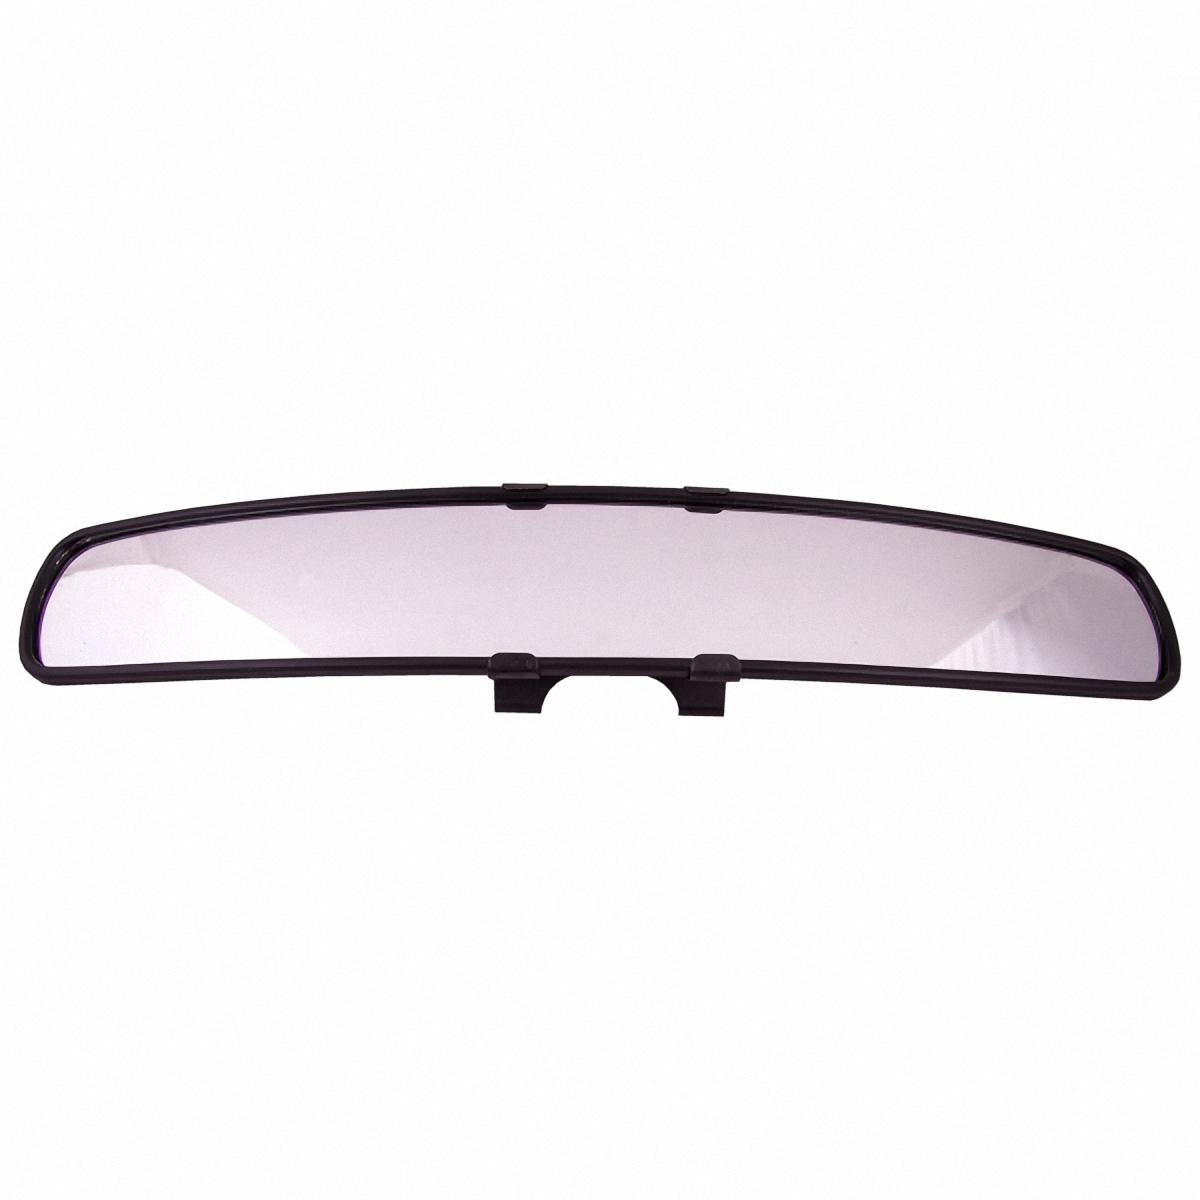 Зеркало внутрисалонное Skyway, панорамное. S01001004S01001004Зеркало внутрисалонное, панорамное, 17 (430мм), изготовлено из ABS-пластика и высококлассного хромированного стекла. Позволяет водителю видеть предметы, находящиеся за автомобилем, значительно расширяя обзор и снижая риск аварийноопасных ситуаций.Особенности: Конструкция внутрисалонного панорамного зеркала спроектирована таким образом, чтобы оно расширяло зону заднего обзора, захватывая слепые зоны.Высококлассное хромированное стекло снизит риск ослепления и избавит от раздвоенных изображений. Лёгкий вес и тонкая конструкция. Зеркало заднего вида Skyway просто в установке и подходит для всех моделей автомобилей.